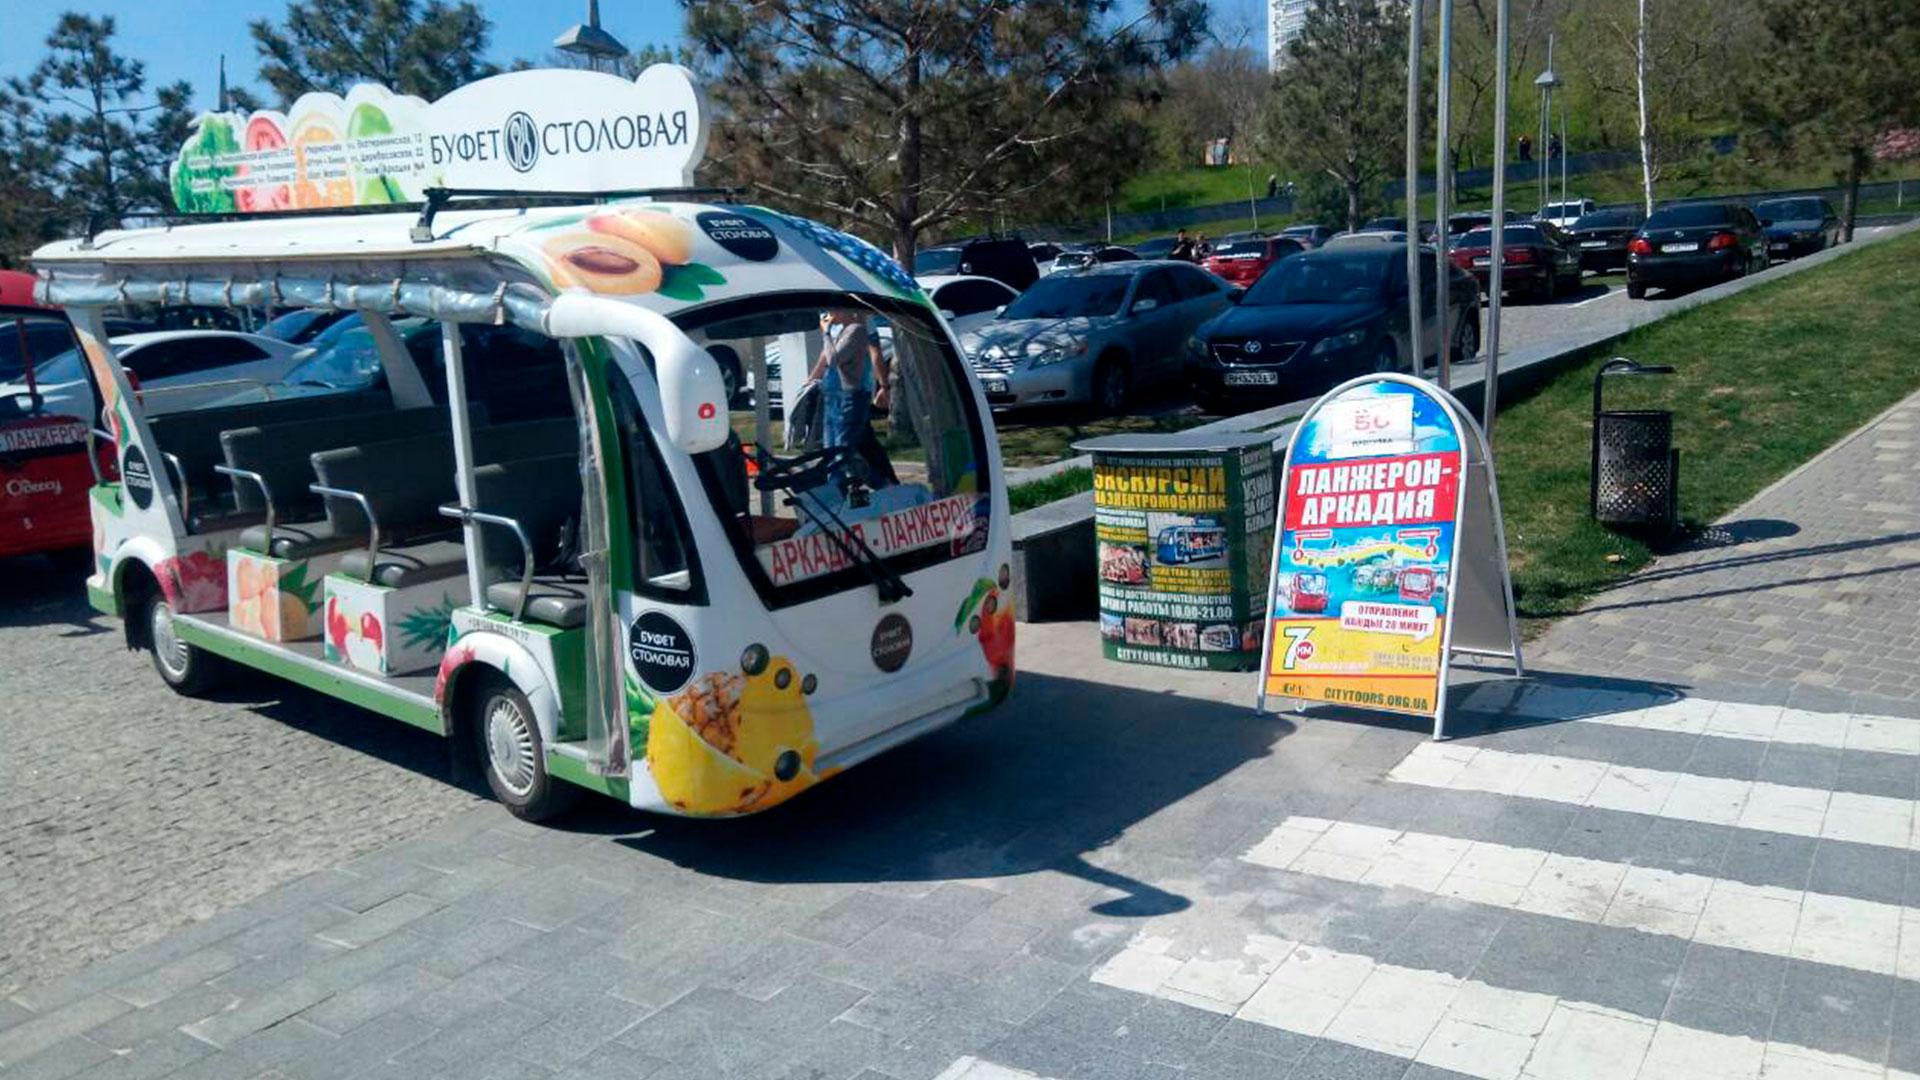 Реклама на экскурсионных электромобилях - City Tours